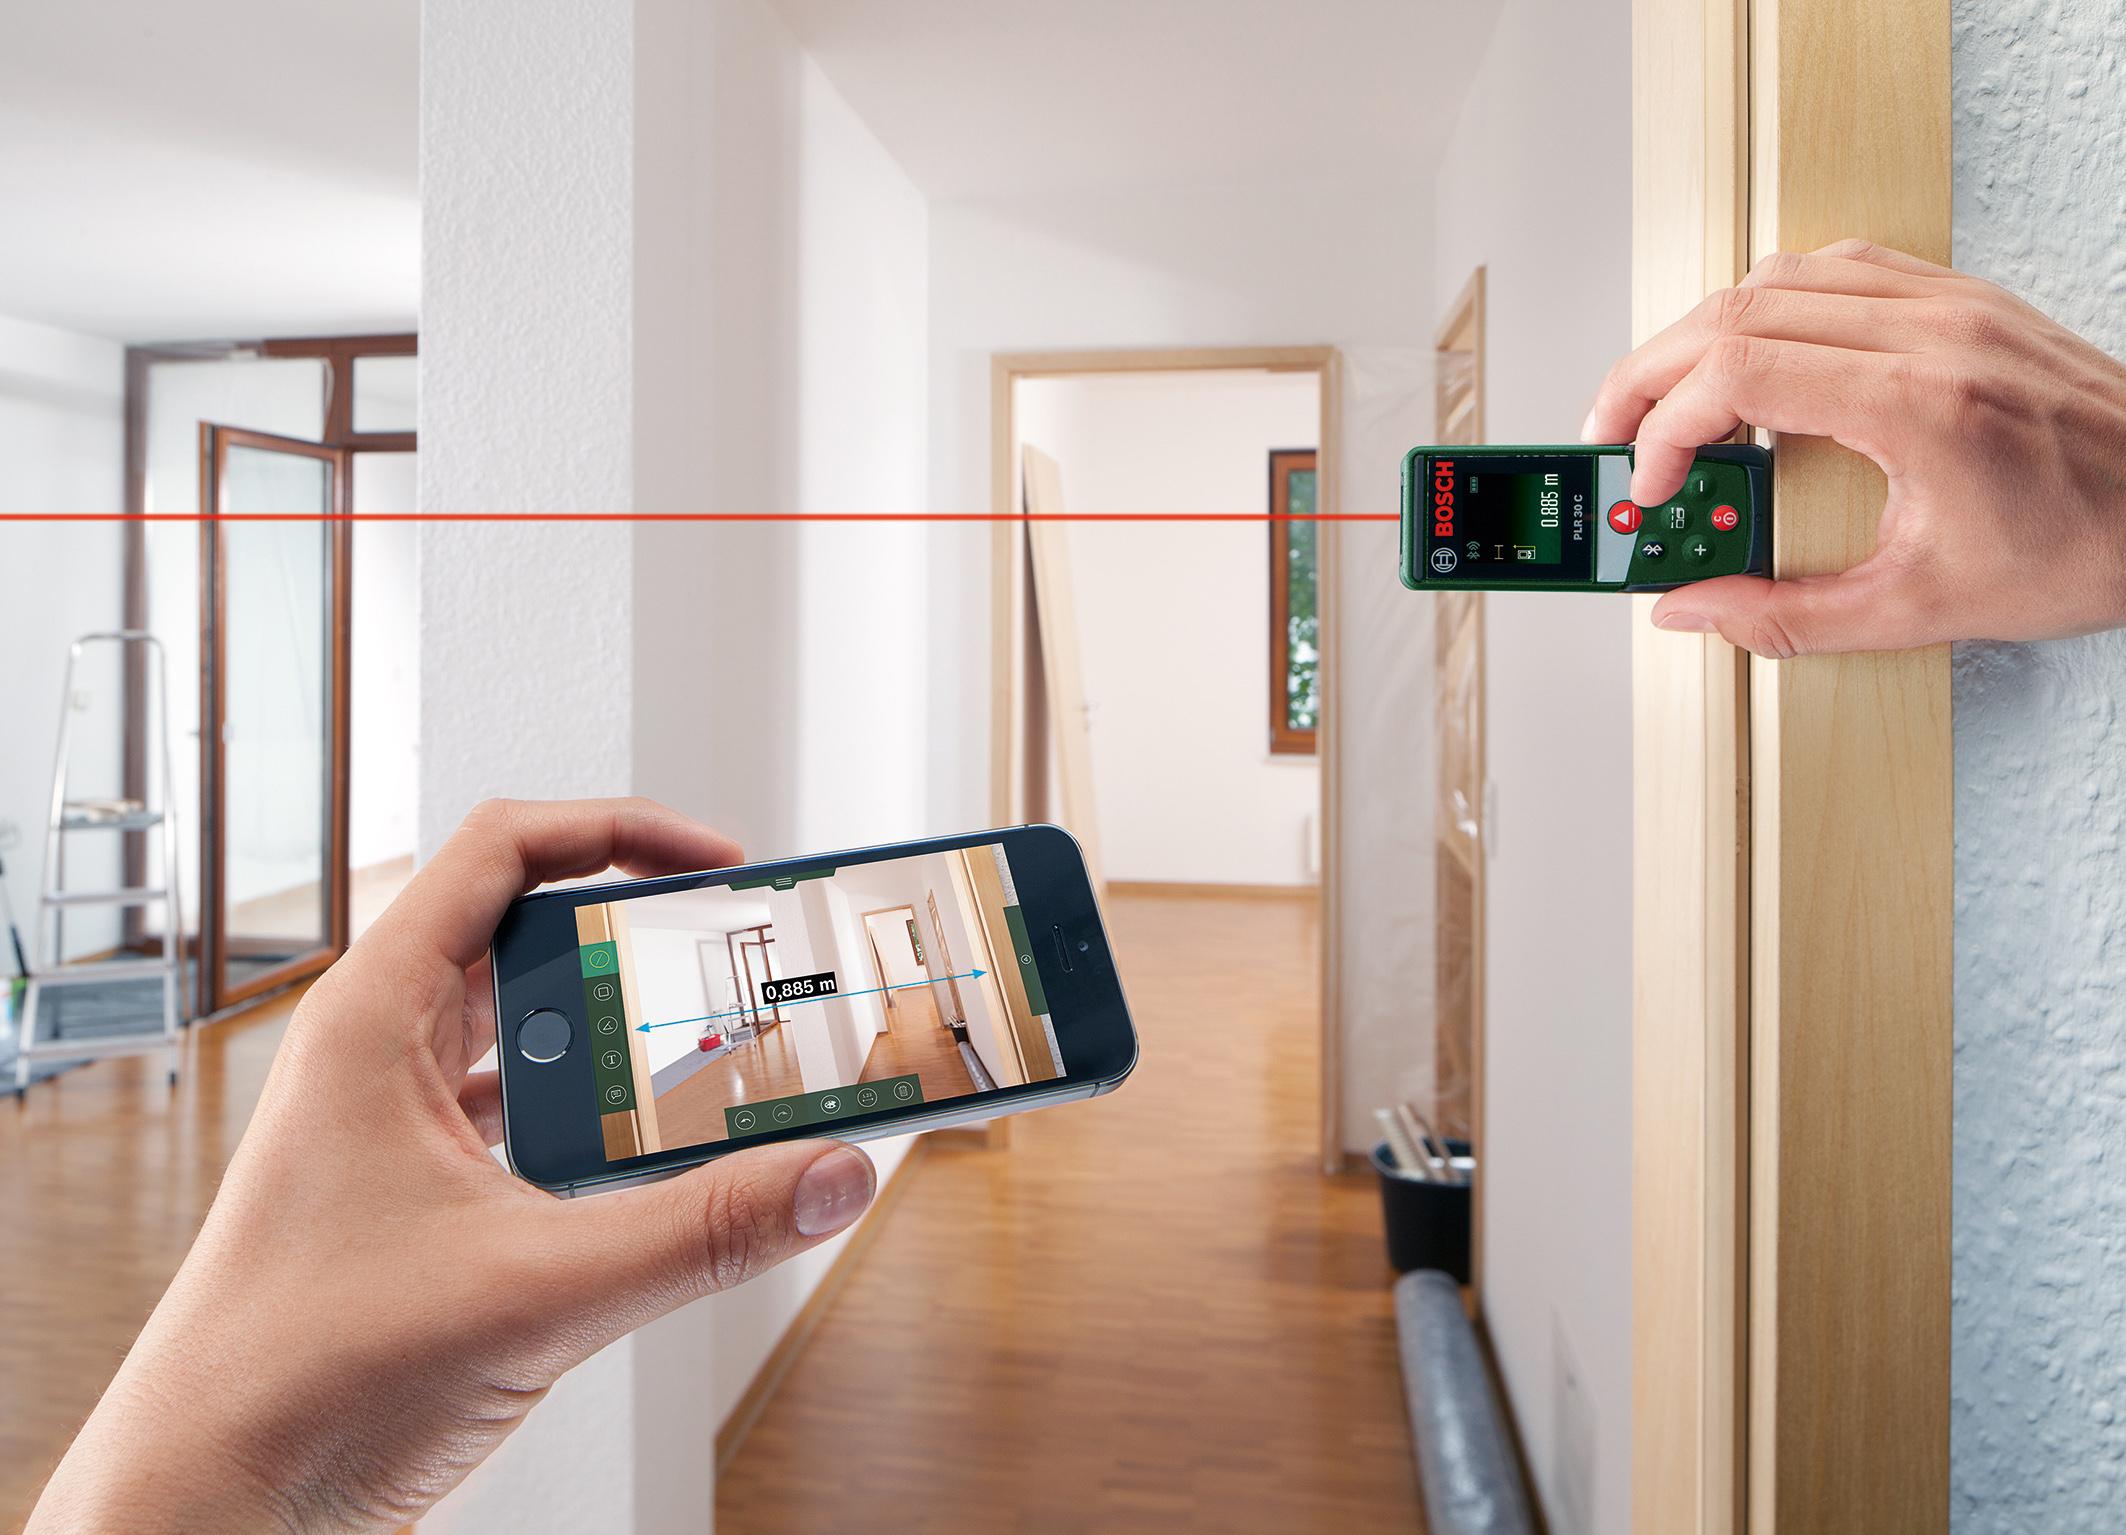 Hervorragend Bosch verbindet Messgeräte mit App - Bosch Media Service BO83